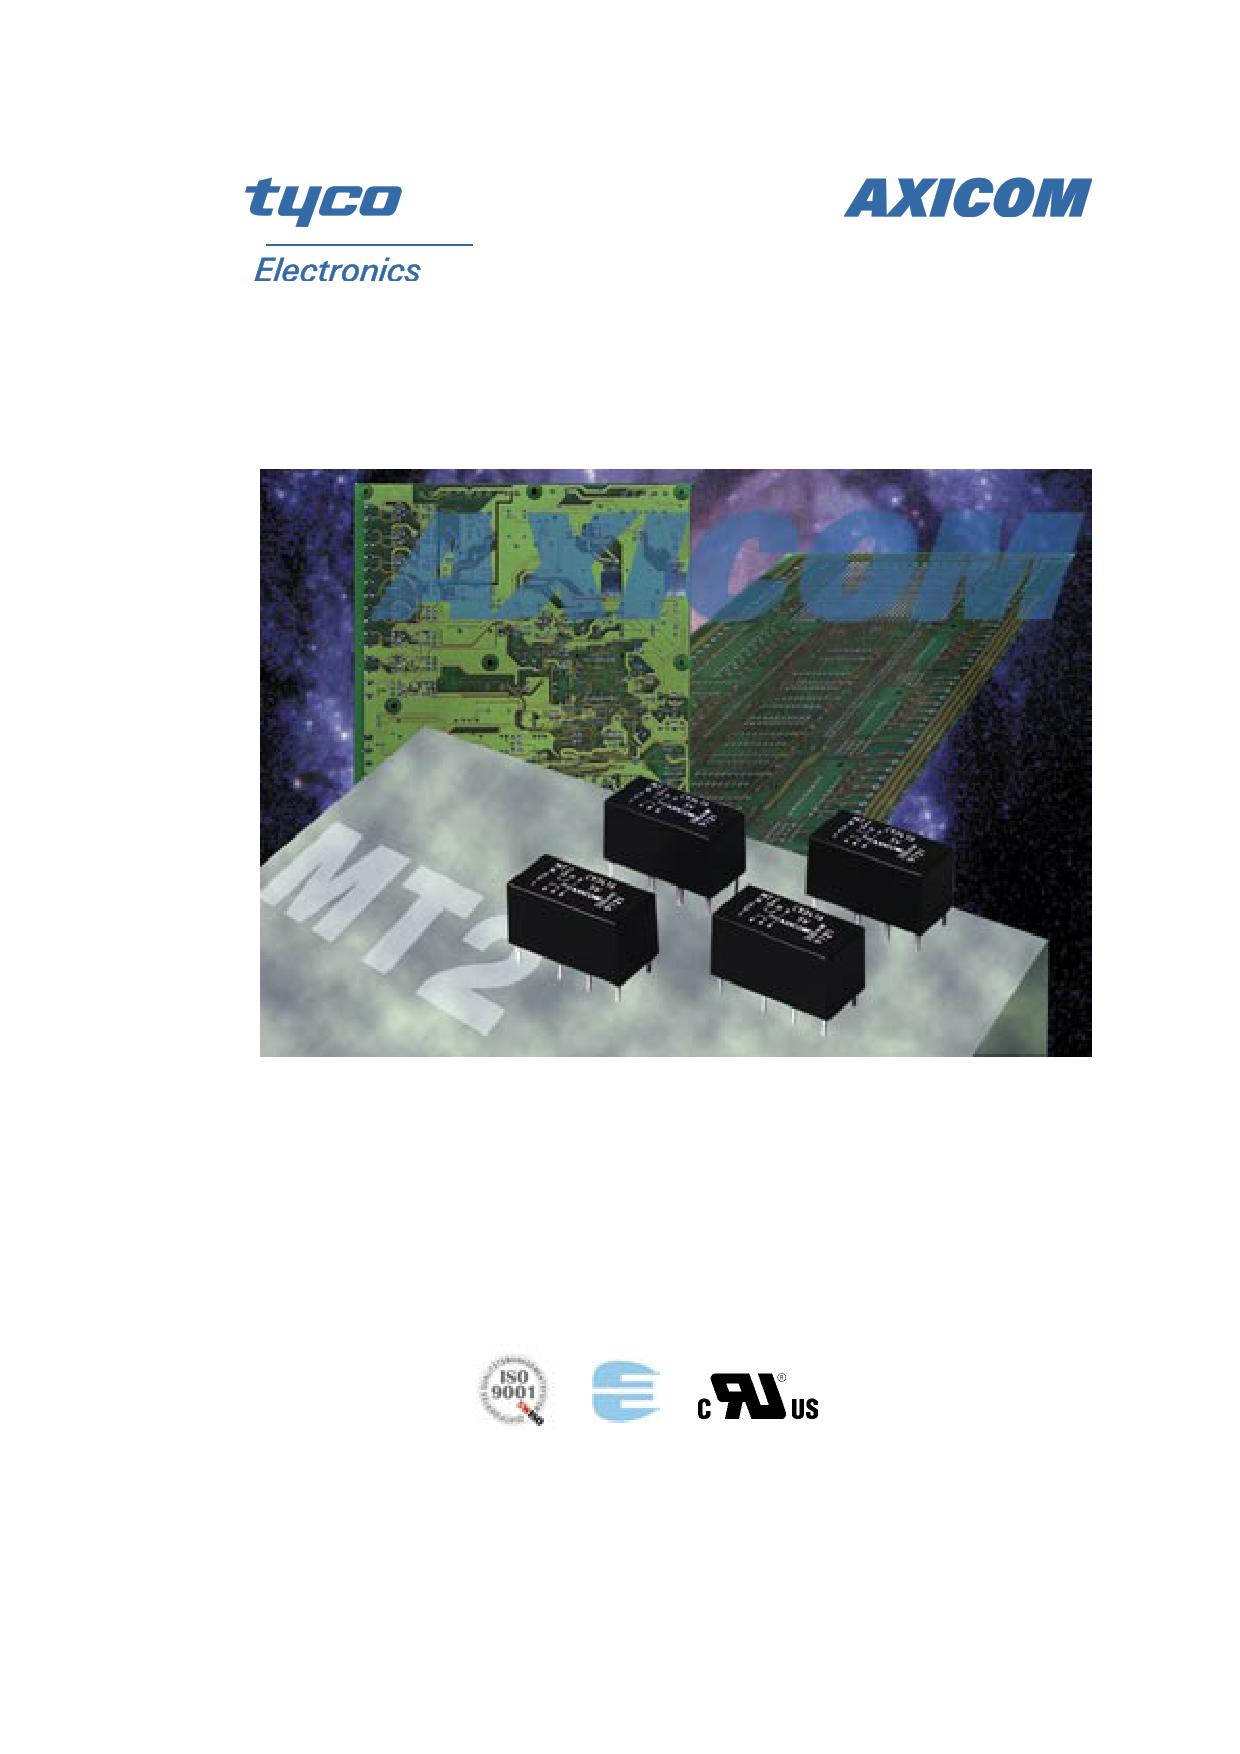 3-1462000-7 Hoja de datos, Descripción, Manual